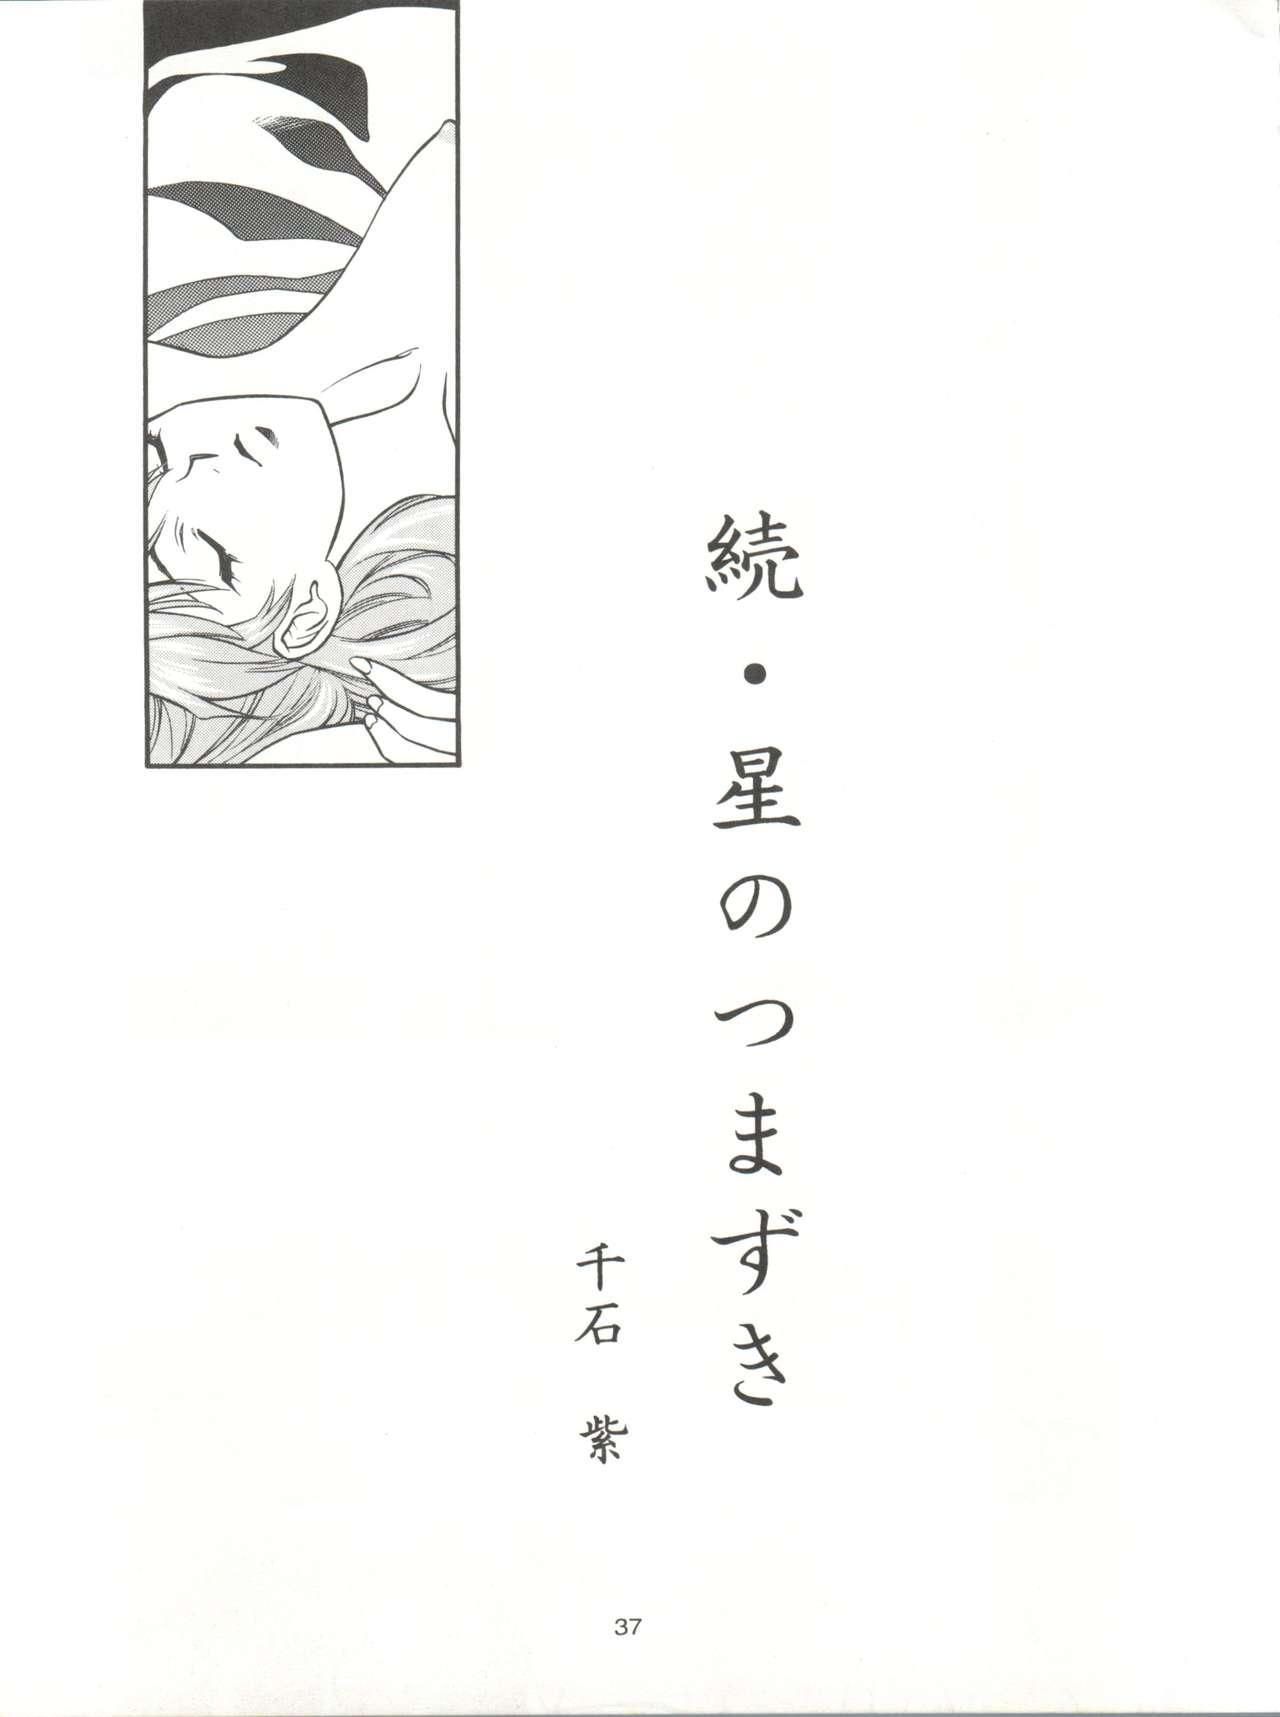 Tabeta Kigasuru 17 36